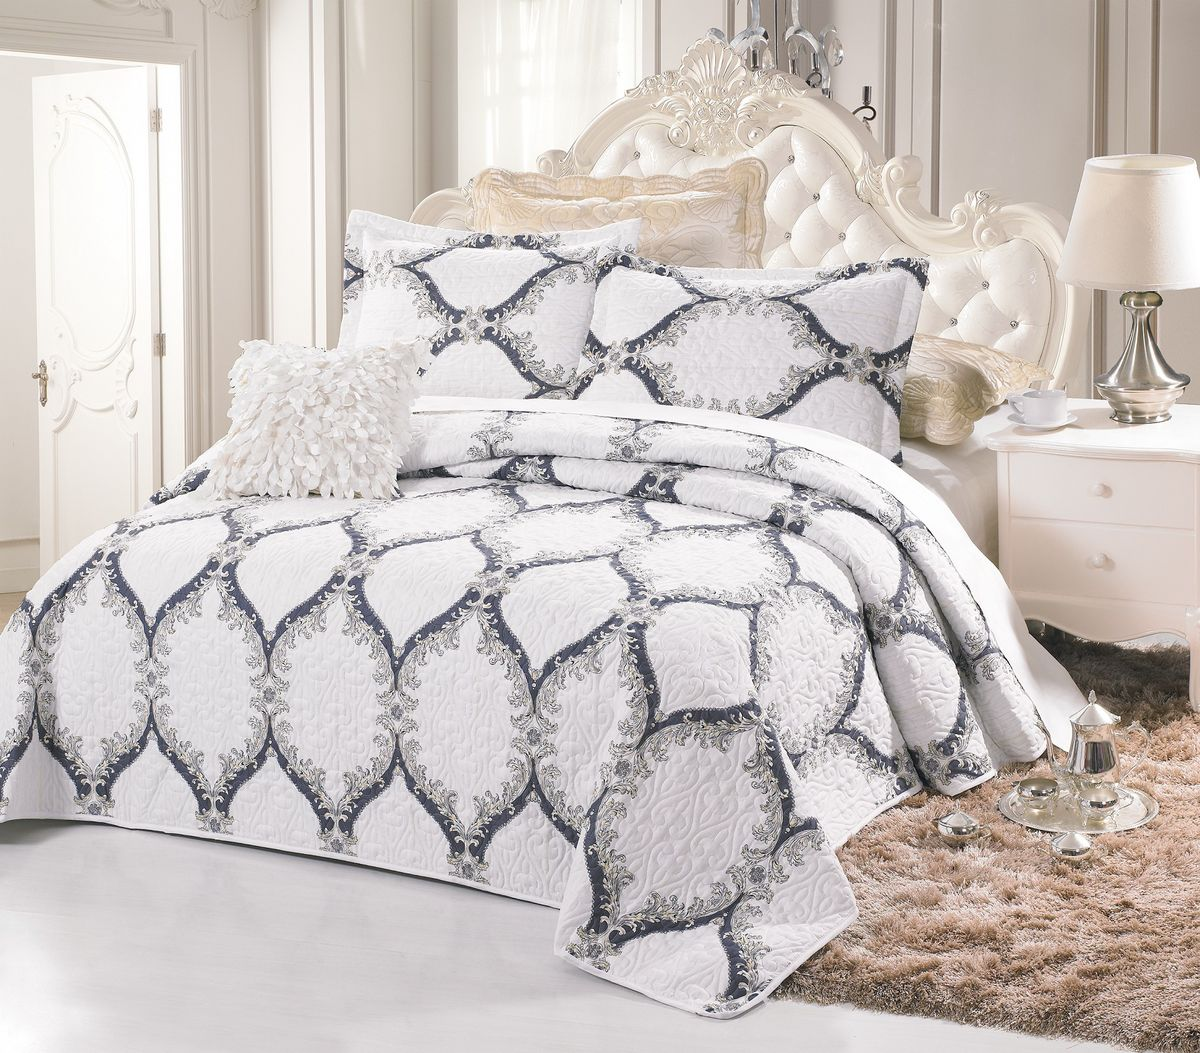 Комплект для спальни Cleo Беливия: покрывало 230 х 250 см, 2 наволочки 50 х 70 смFD-59Изысканный комплект для спальни состоит из покрывала и двух наволочек. Изделия выполнены из высококачественного полиэстера, легкие, прочные и износостойкие. Полиэстер - это вид ткани, который состоит из полиэфирных волокон. Ткани из полиэстера - легкие, прочные и износостойкие.Свойства полиэстера:- не мнется.- легко стирается.- после стирки быстро сохнет.- не растягивается и не садится.Размер покрывала: 230 х 250 см.Размер наволочки: 50 х 70 см.